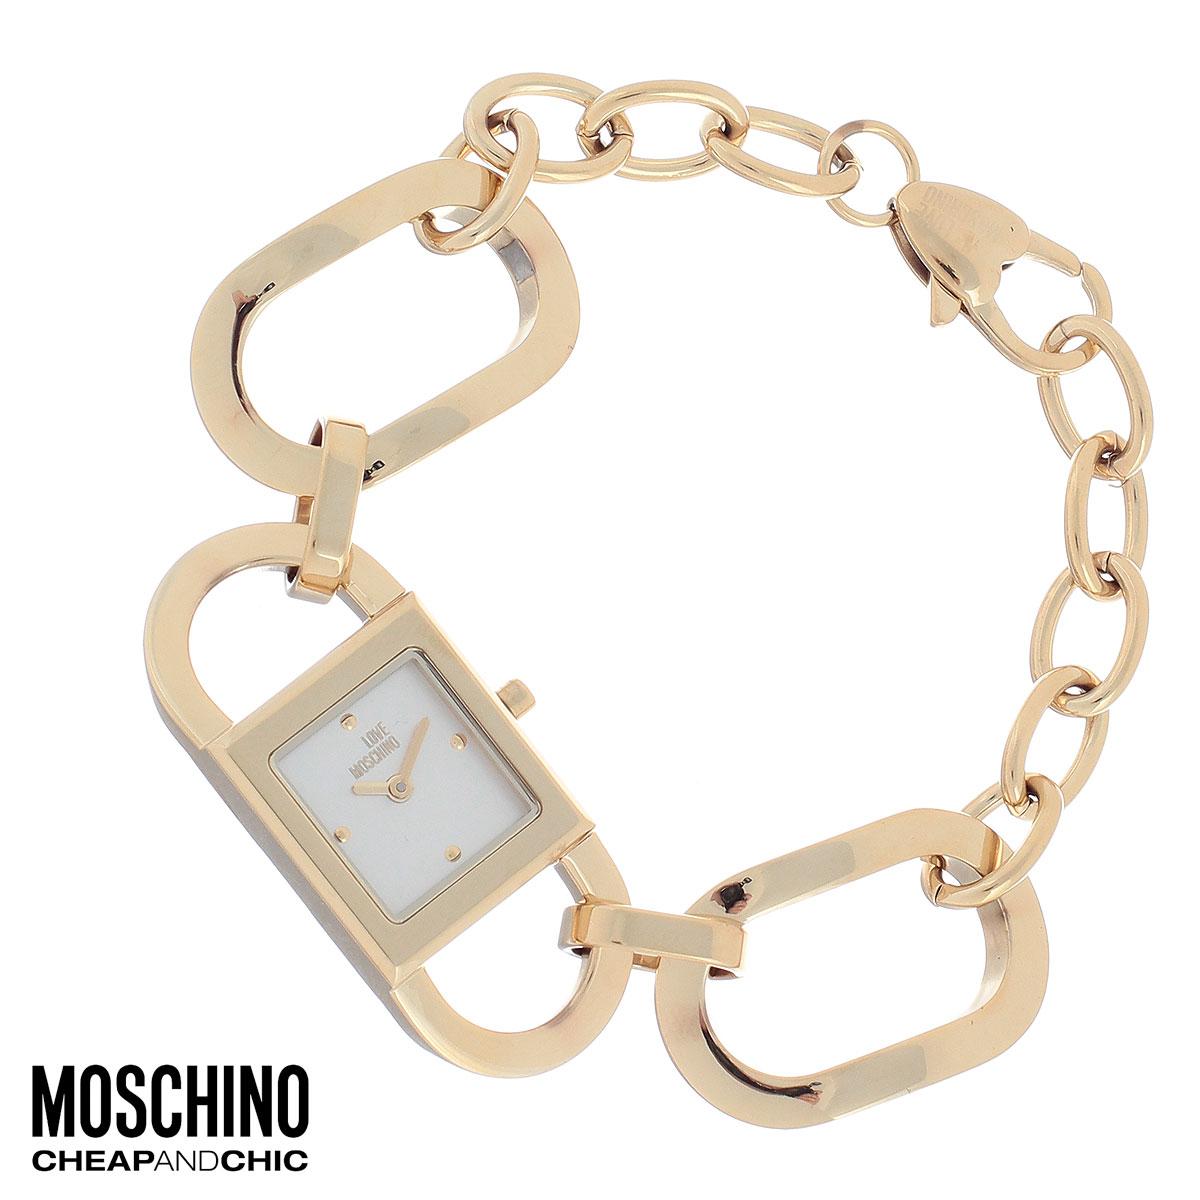 """Часы женские наручные Moschino, цвет: золотой. MW0478EQW-M710DB-1A1Наручные часы от известного итальянского бренда Moschino - это не только стильный и функциональный аксессуар, но и современные технологи, сочетающиеся с экстравагантным дизайном и индивидуальностью. Часы Moschino оснащены кварцевым механизмом. Корпус выполнен из высококачественной нержавеющей стали с PVD-покрытием. Циферблат с отметками оформлен надписью """"Love Moschino и защищен минеральным стеклом. Часы имеют две стрелки - часовую и минутную. Браслет часов выполнен из нержавеющей стали в виде цепочки из крупных звеньев и имеет надежную застежку-карабин.Часы упакованы в фирменную металлическую коробку с логотипом бренда. Часы Moschino благодаря своему уникальному дизайну отличаются от часов других марок своеобразными циферблатами, функциональностью, а также набором уникальных технических свойств.Каждой модели присуща легкая экстравагантность, самобытность и, безусловно, великолепный вкус. Характеристики: Размер циферблата: 1,5 см х 1,5 см.Размер корпуса: 1,9 см х 1,9 см х 0,7 см.Длина браслета (с корпусом): 20 см.Ширина браслета: 2 см."""